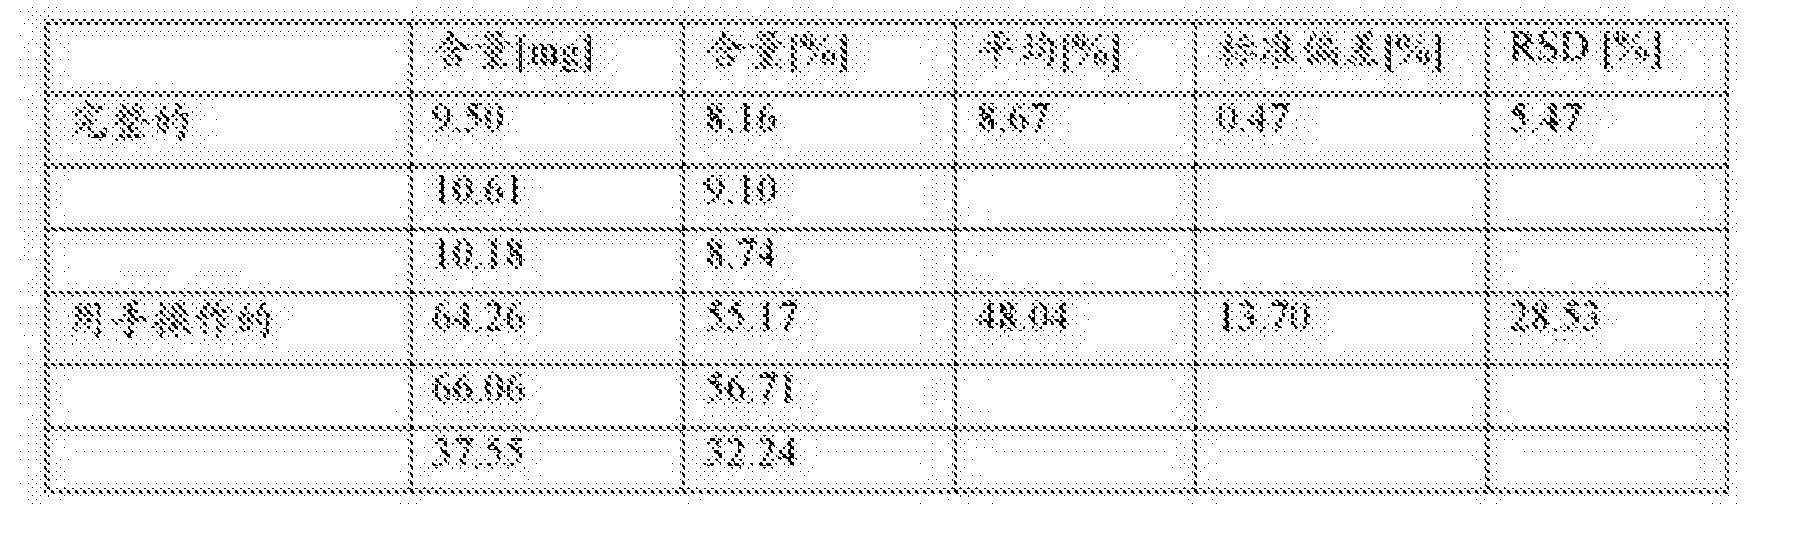 Figure CN104394851BD00602